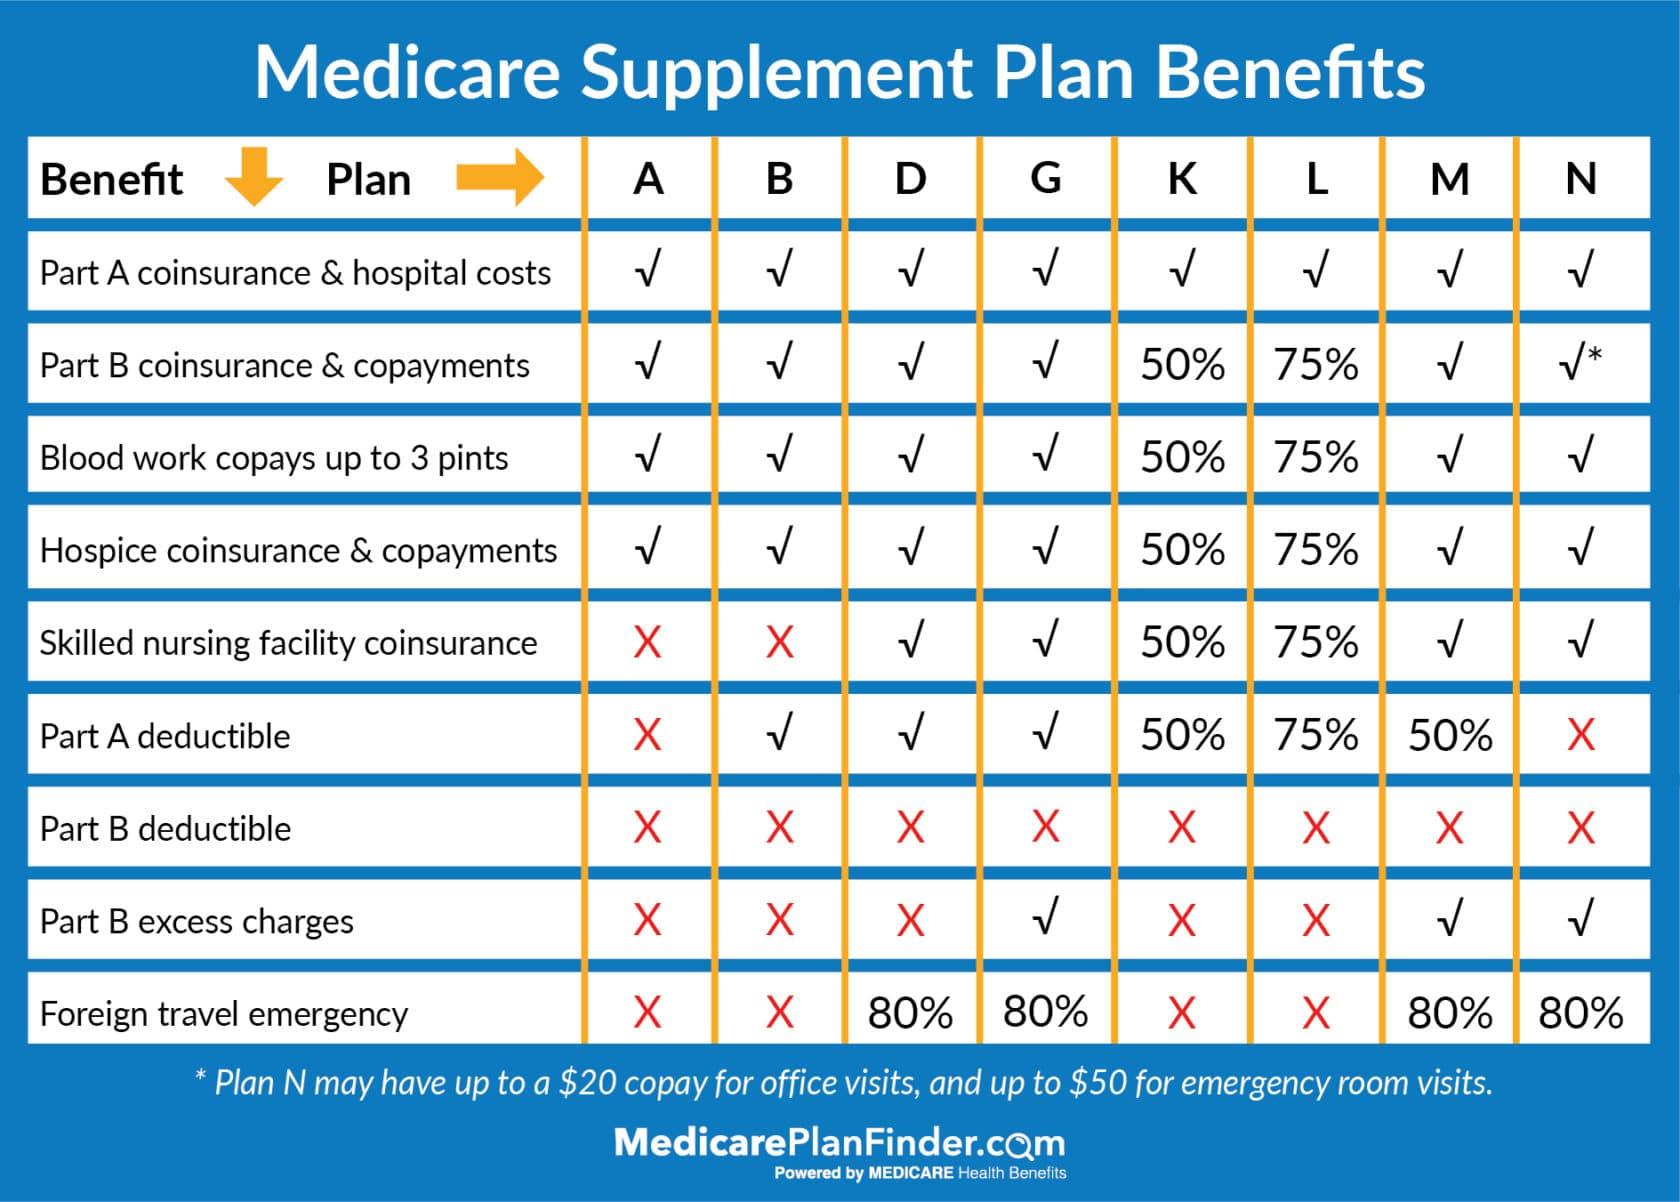 Medicare Supplement Plans Comparison Chart | Medicare Supplement Plan Finder | Medicare Plan Finder